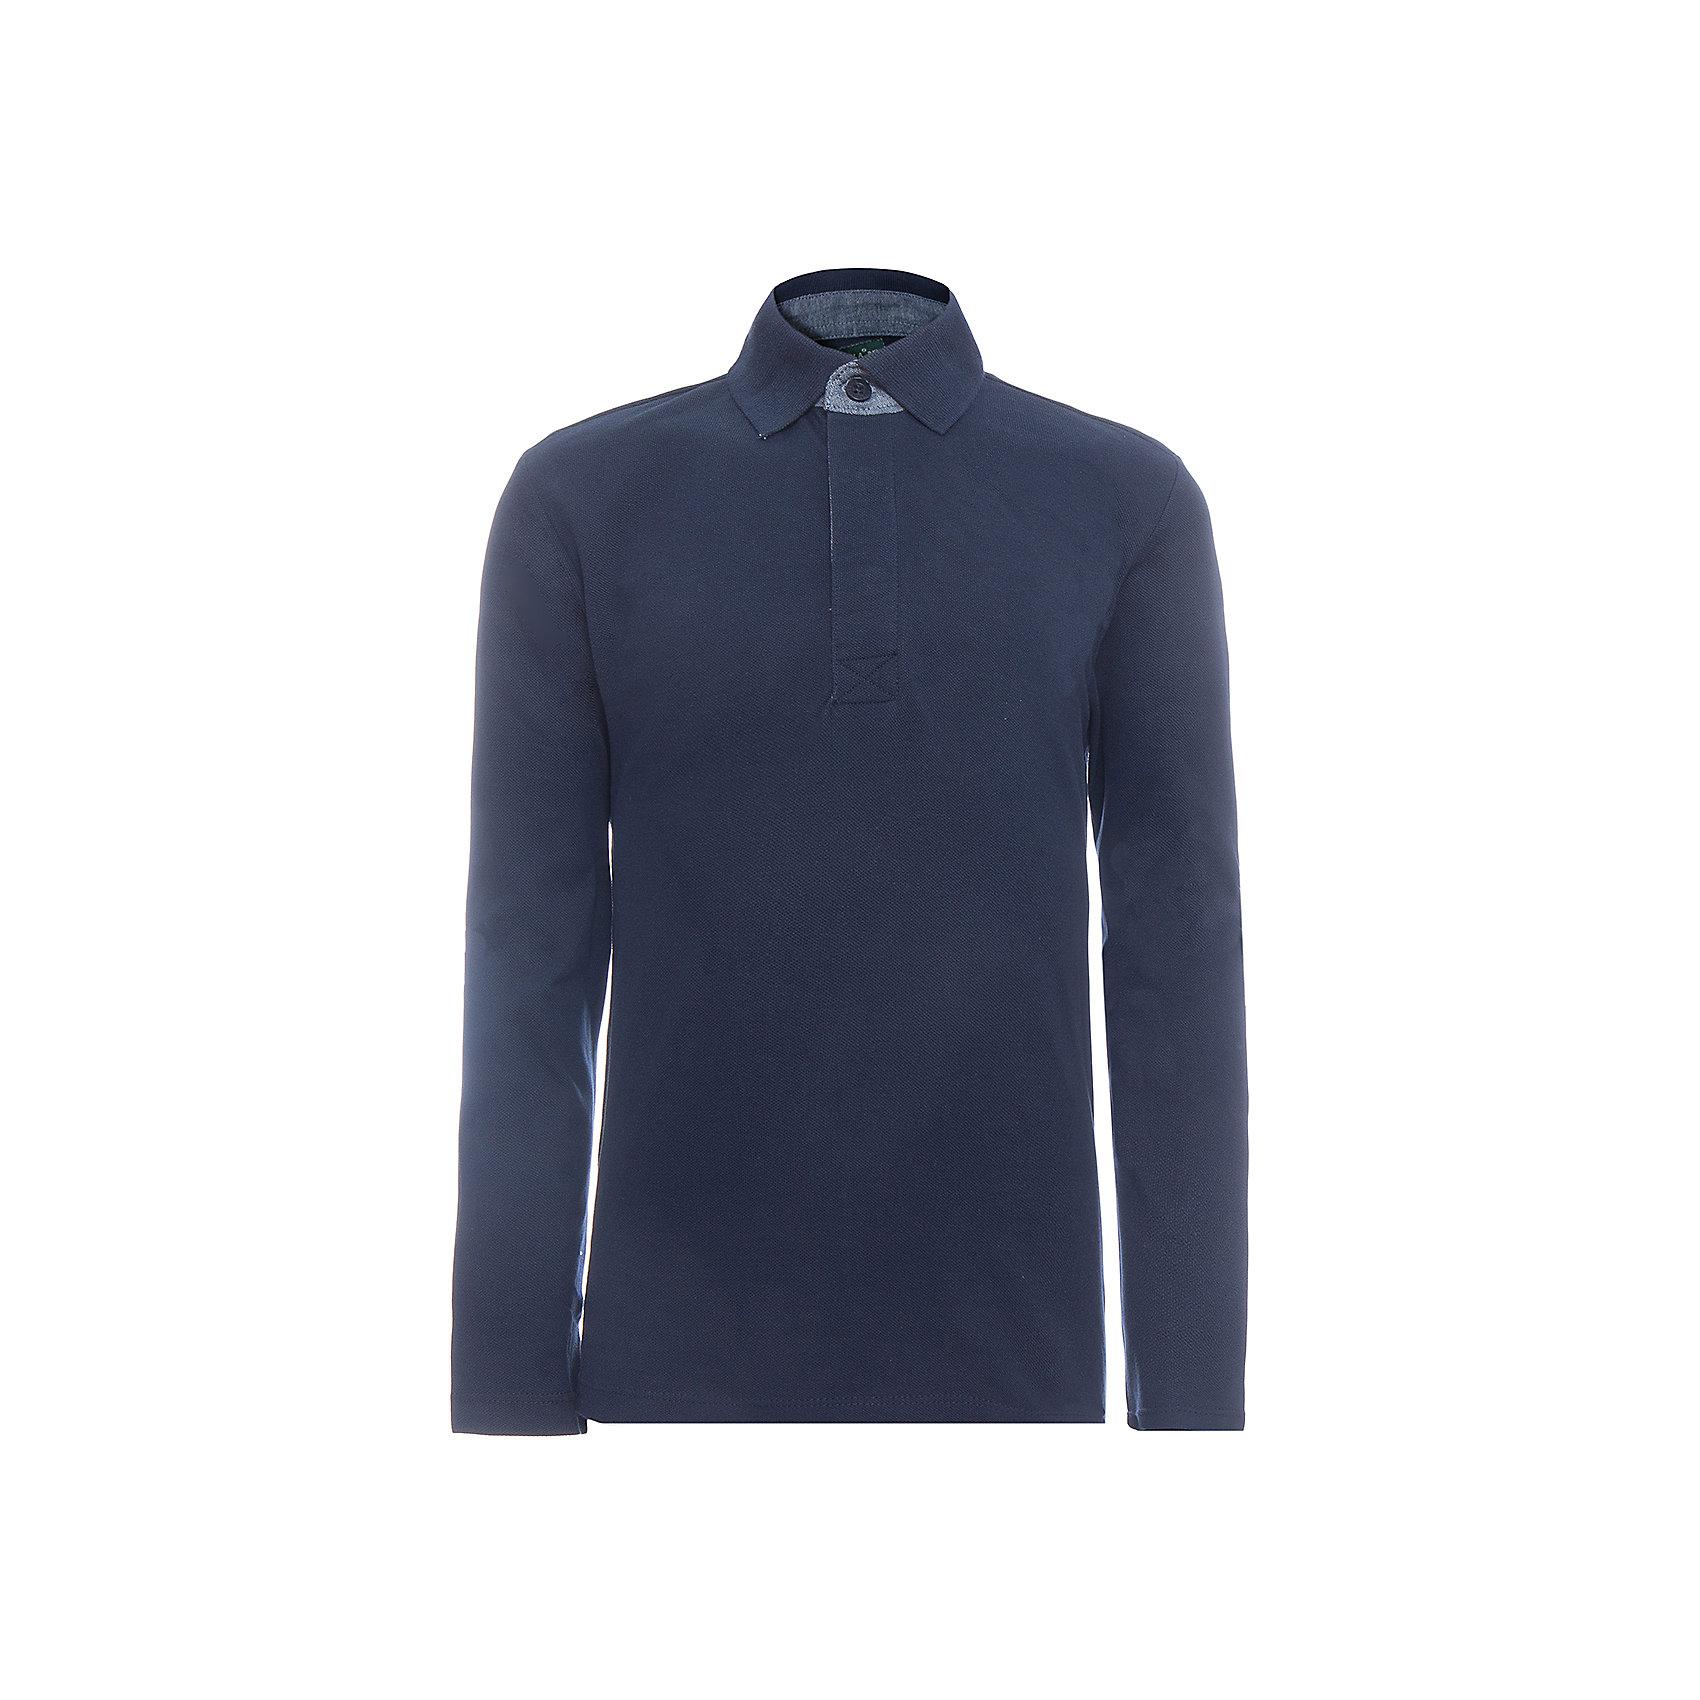 Рубашка-поло SELA для мальчикаБлузки и рубашки<br>Характеристики товара:<br><br>• цвет: синий;<br>• состав: 100% хлопок;<br>• сезон: демисезон;<br>• особенности: повседневная, школьная, однотонная;<br>• прямой силуэт;<br>• длинный рукав;<br>• страна бренда: Россия;<br>• страна изготовитель: Китай.<br><br>Рубашка-поло с длинным рукавом для мальчика. Воротничок застегивается на пуговицы. Темно-синяя рубашка имеет прямой силуэт.<br><br>Рубашку-поло Sela (Села) для мальчика можно купить в нашем интернет-магазине.<br><br>Ширина мм: 174<br>Глубина мм: 10<br>Высота мм: 169<br>Вес г: 157<br>Цвет: синий<br>Возраст от месяцев: 132<br>Возраст до месяцев: 144<br>Пол: Мужской<br>Возраст: Детский<br>Размер: 152,122,128,134,140,146<br>SKU: 7009750